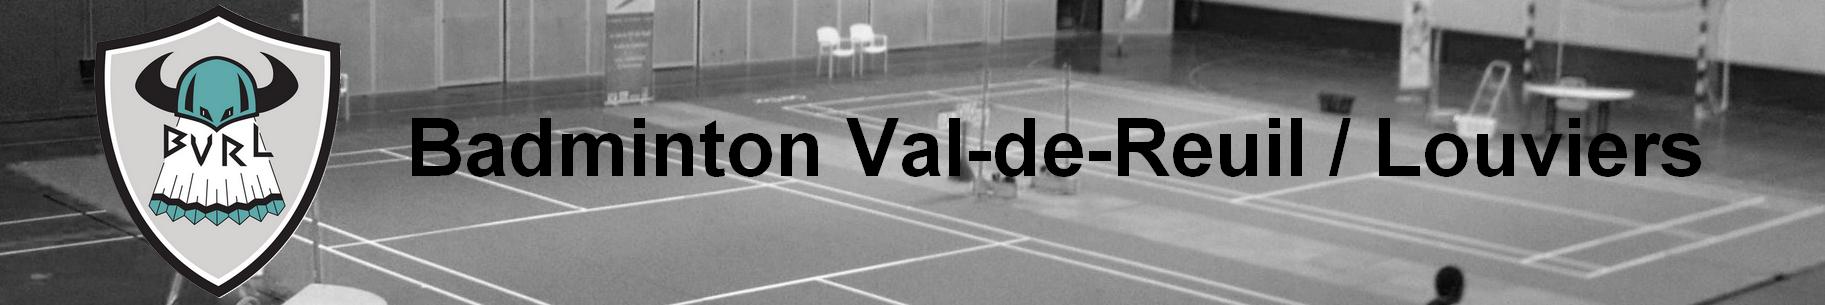 Badminton Val-de-Reuil / Louviers